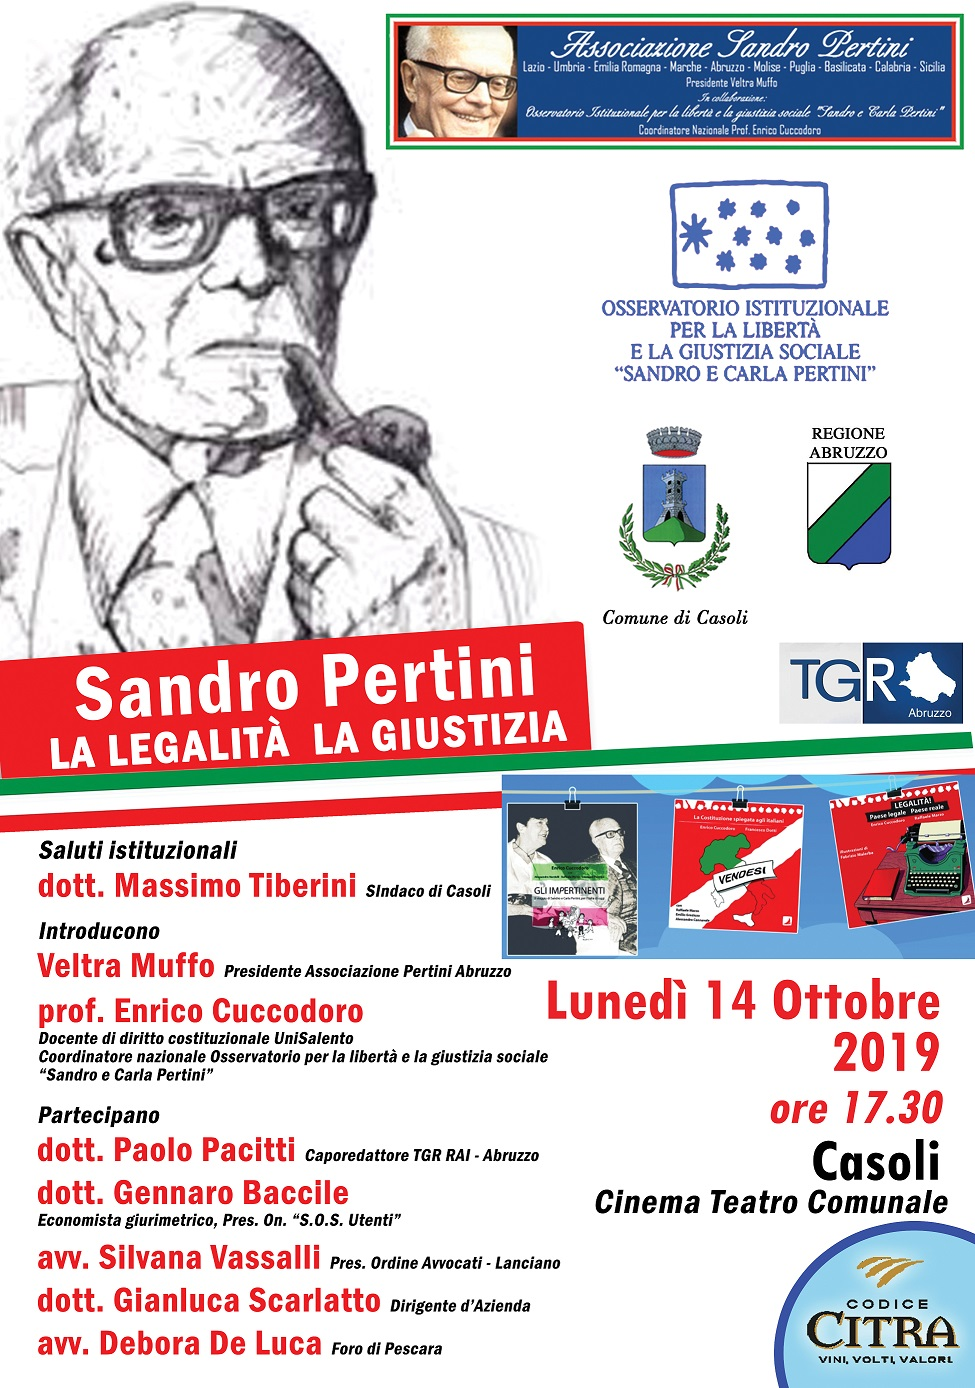 Sandro Pertini Casoli 2019